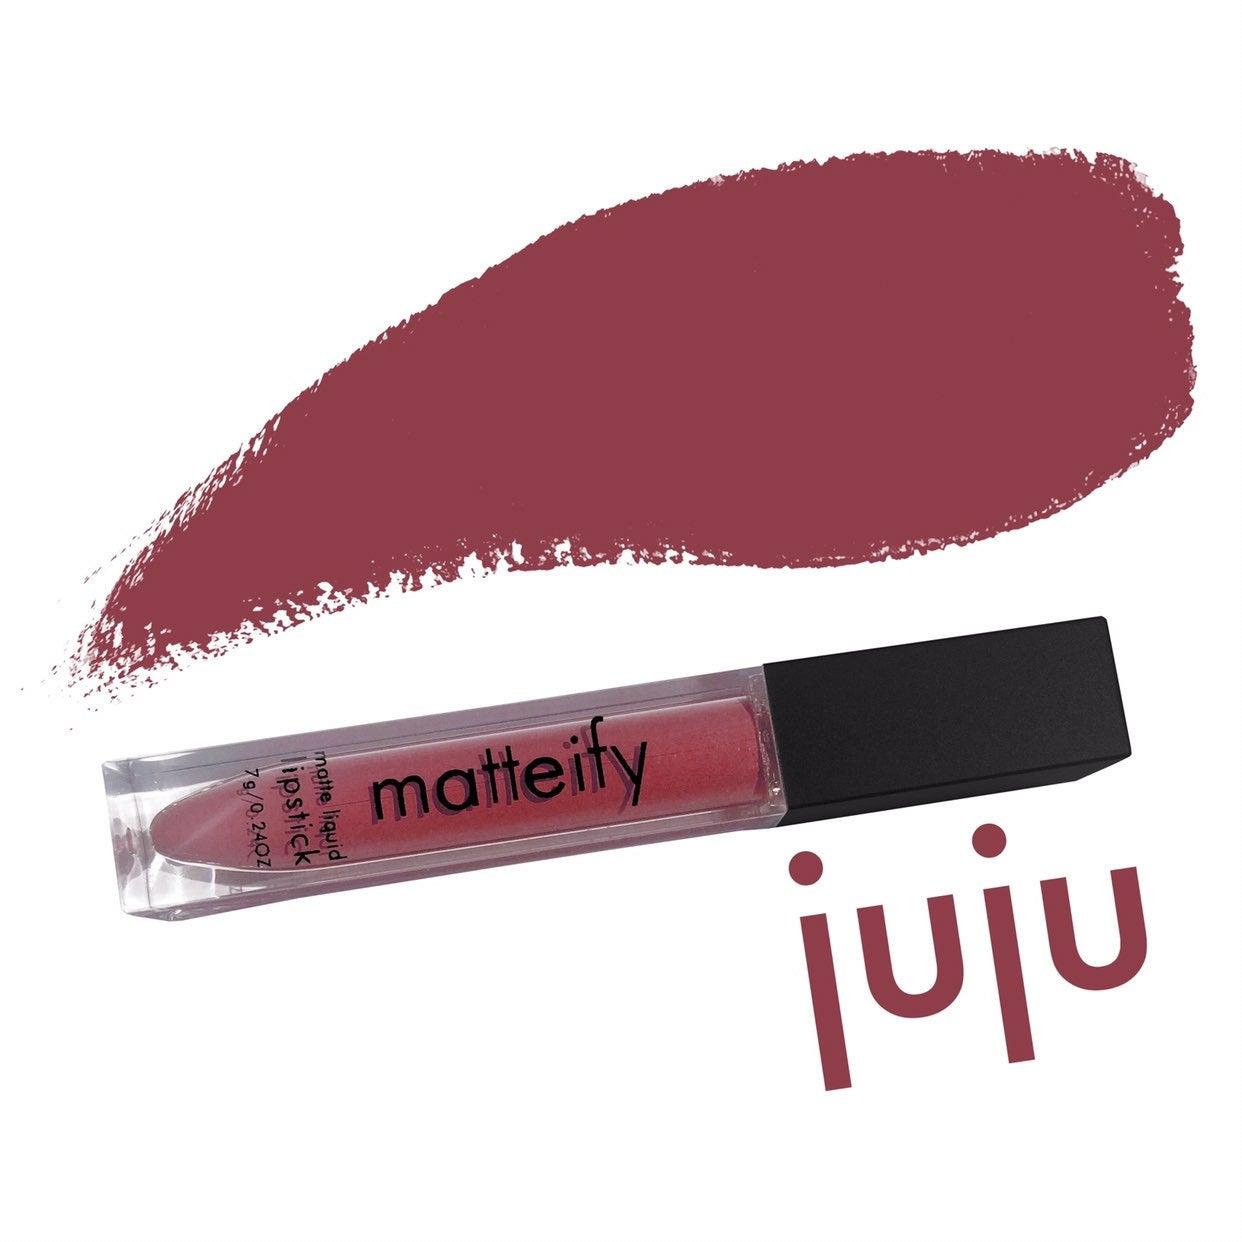 Matteify matte liquid lipstick